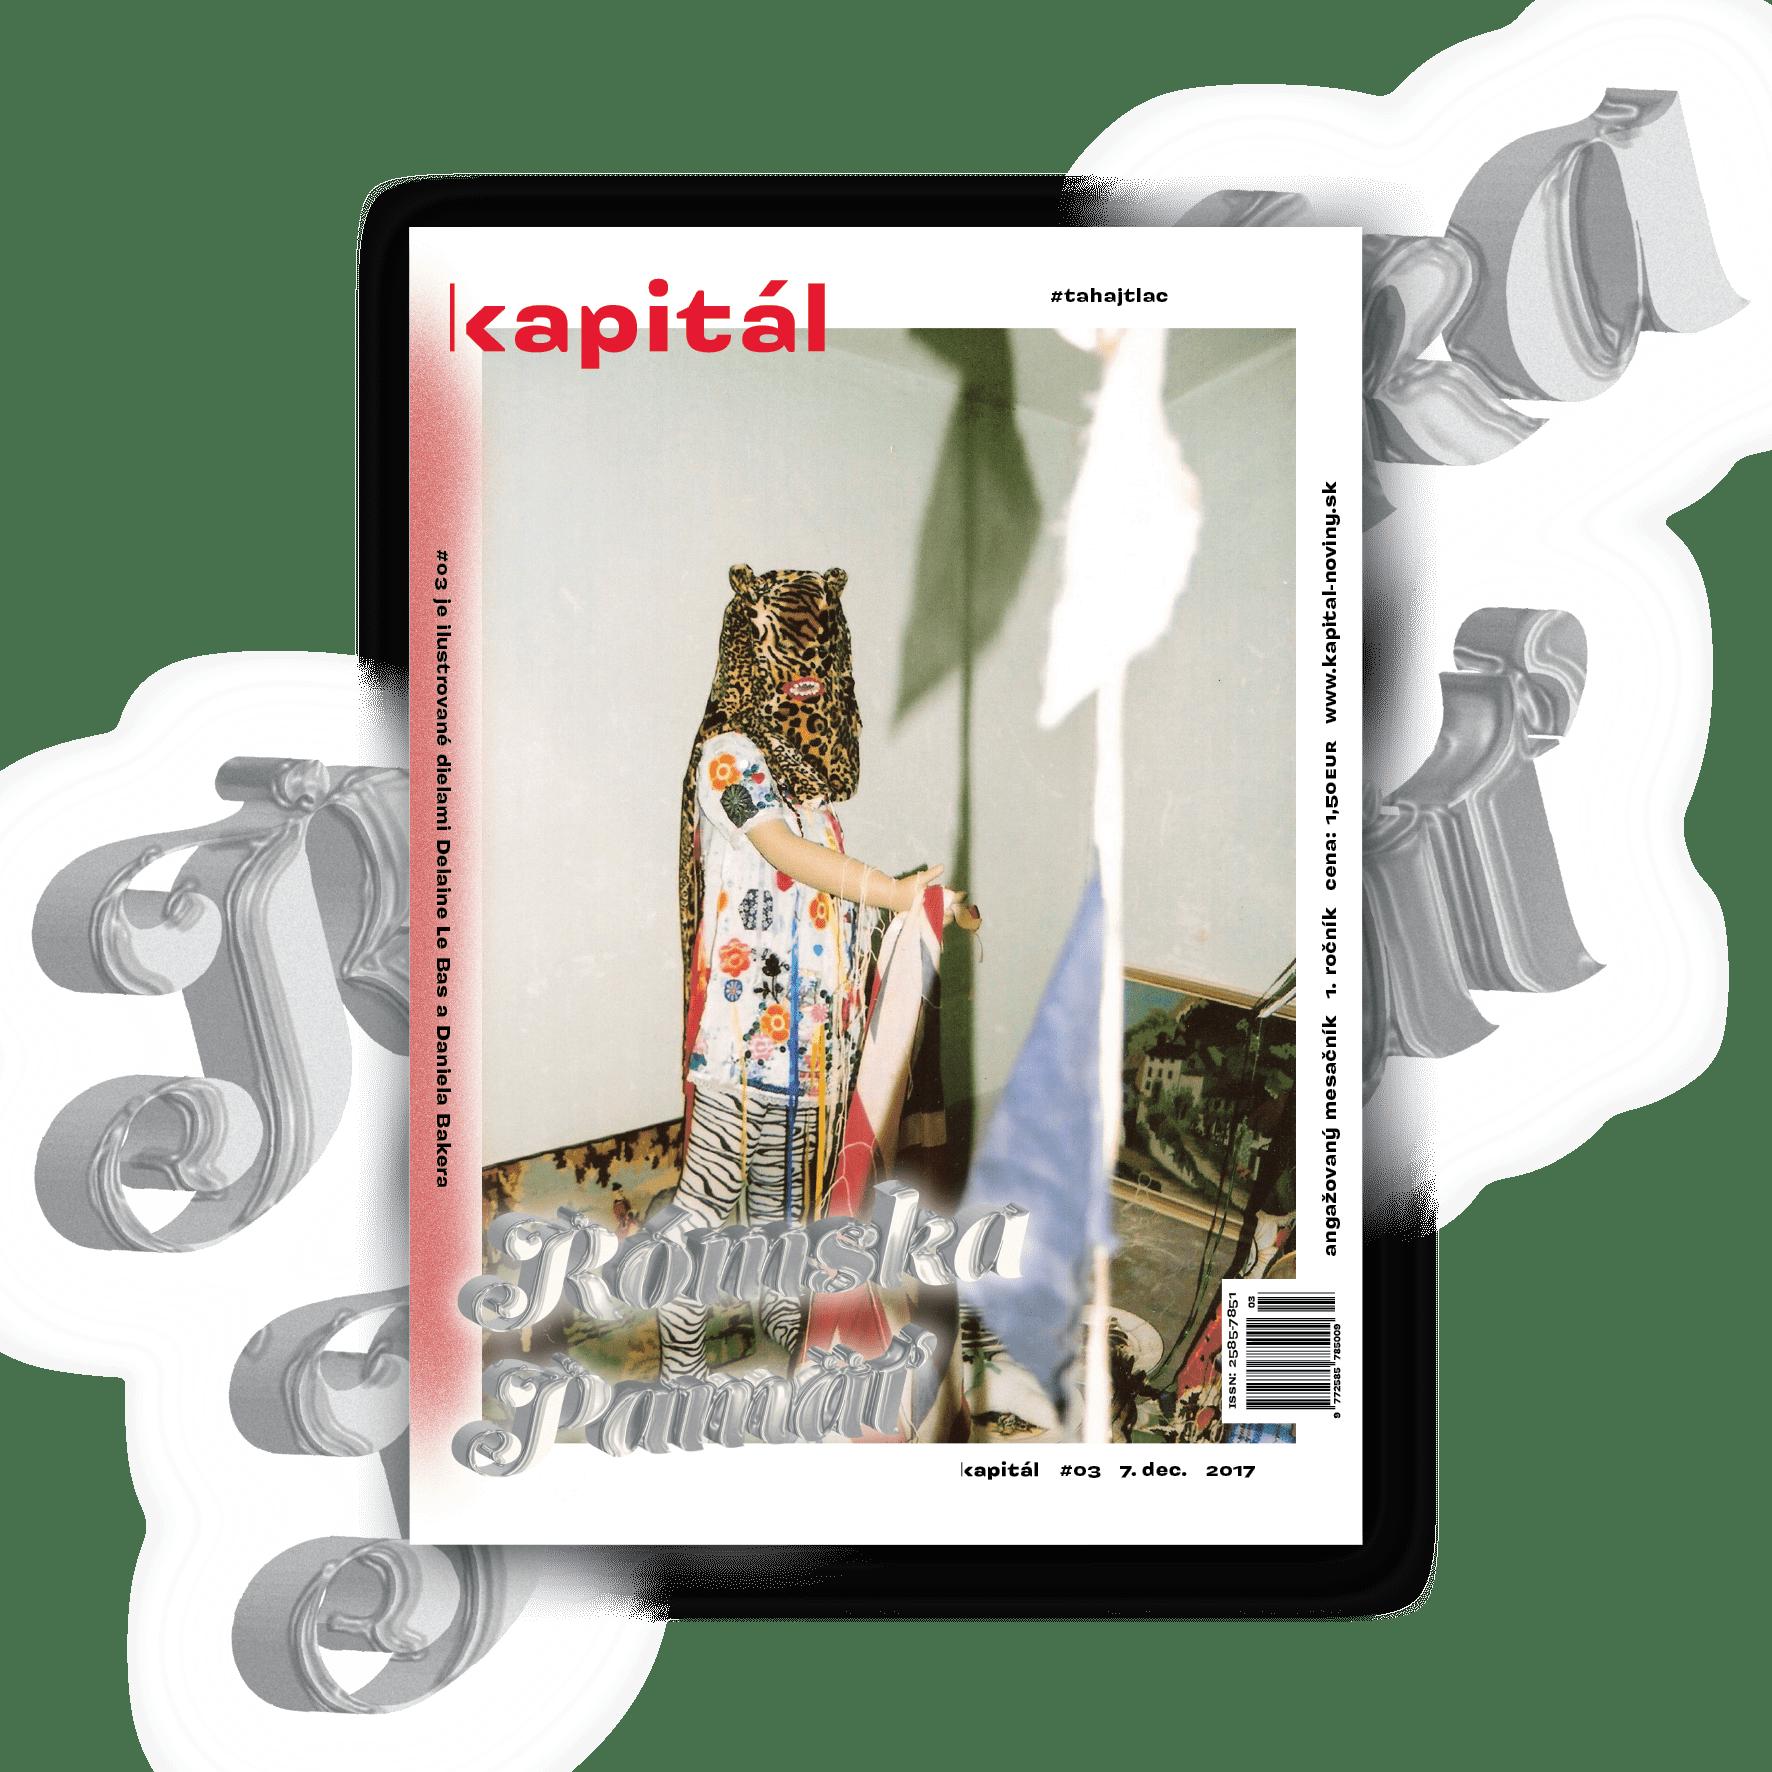 https://i2.wp.com/kapital-noviny.sk/wp-content/uploads/2018/09/1710_KAPITAL-02_Romska-pamat-na-web-profilovka.png?fit=1772%2C1772&ssl=1